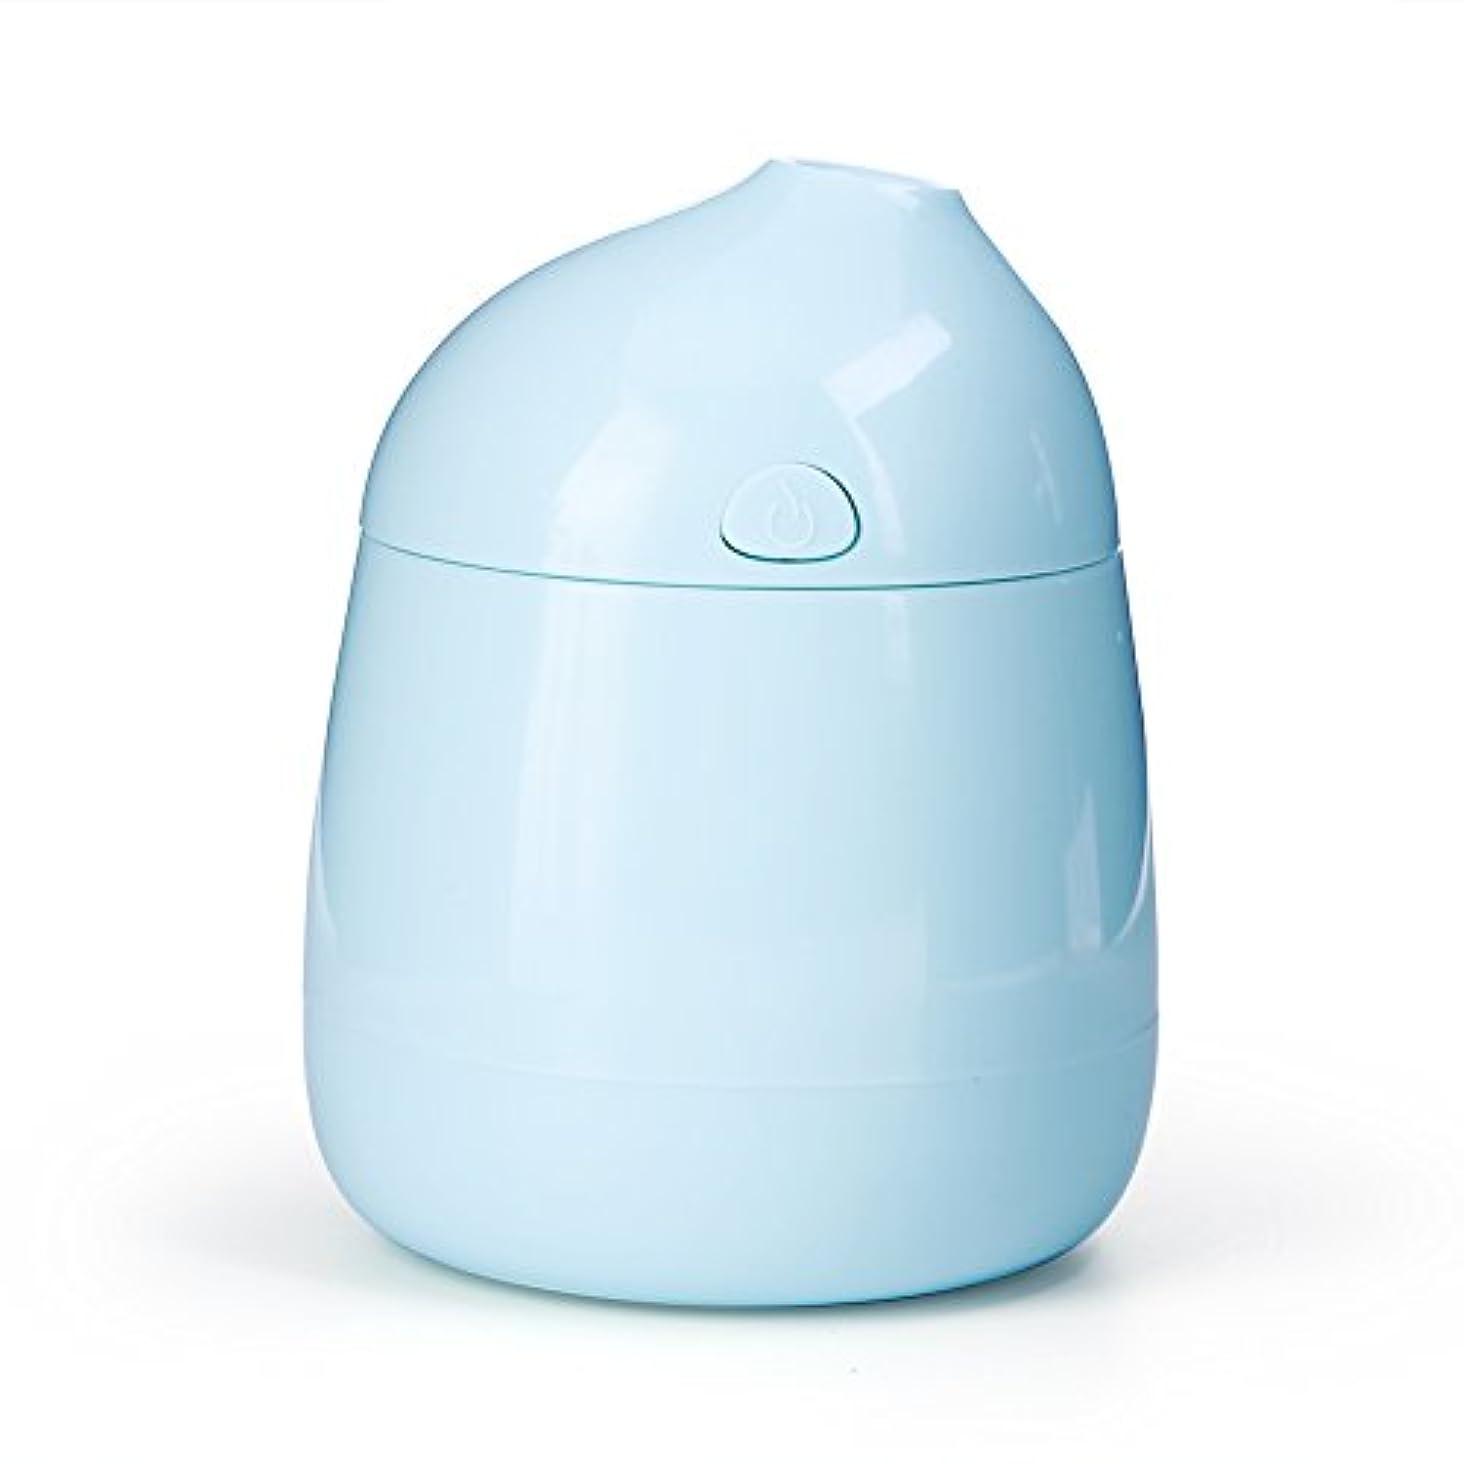 急降下スタジアムとは異なりusb加湿器、ポータブルミニアロマ空気加湿器空気ディフューザー清浄器アトマイザー車のオフィス空気リフレッシャー(青)